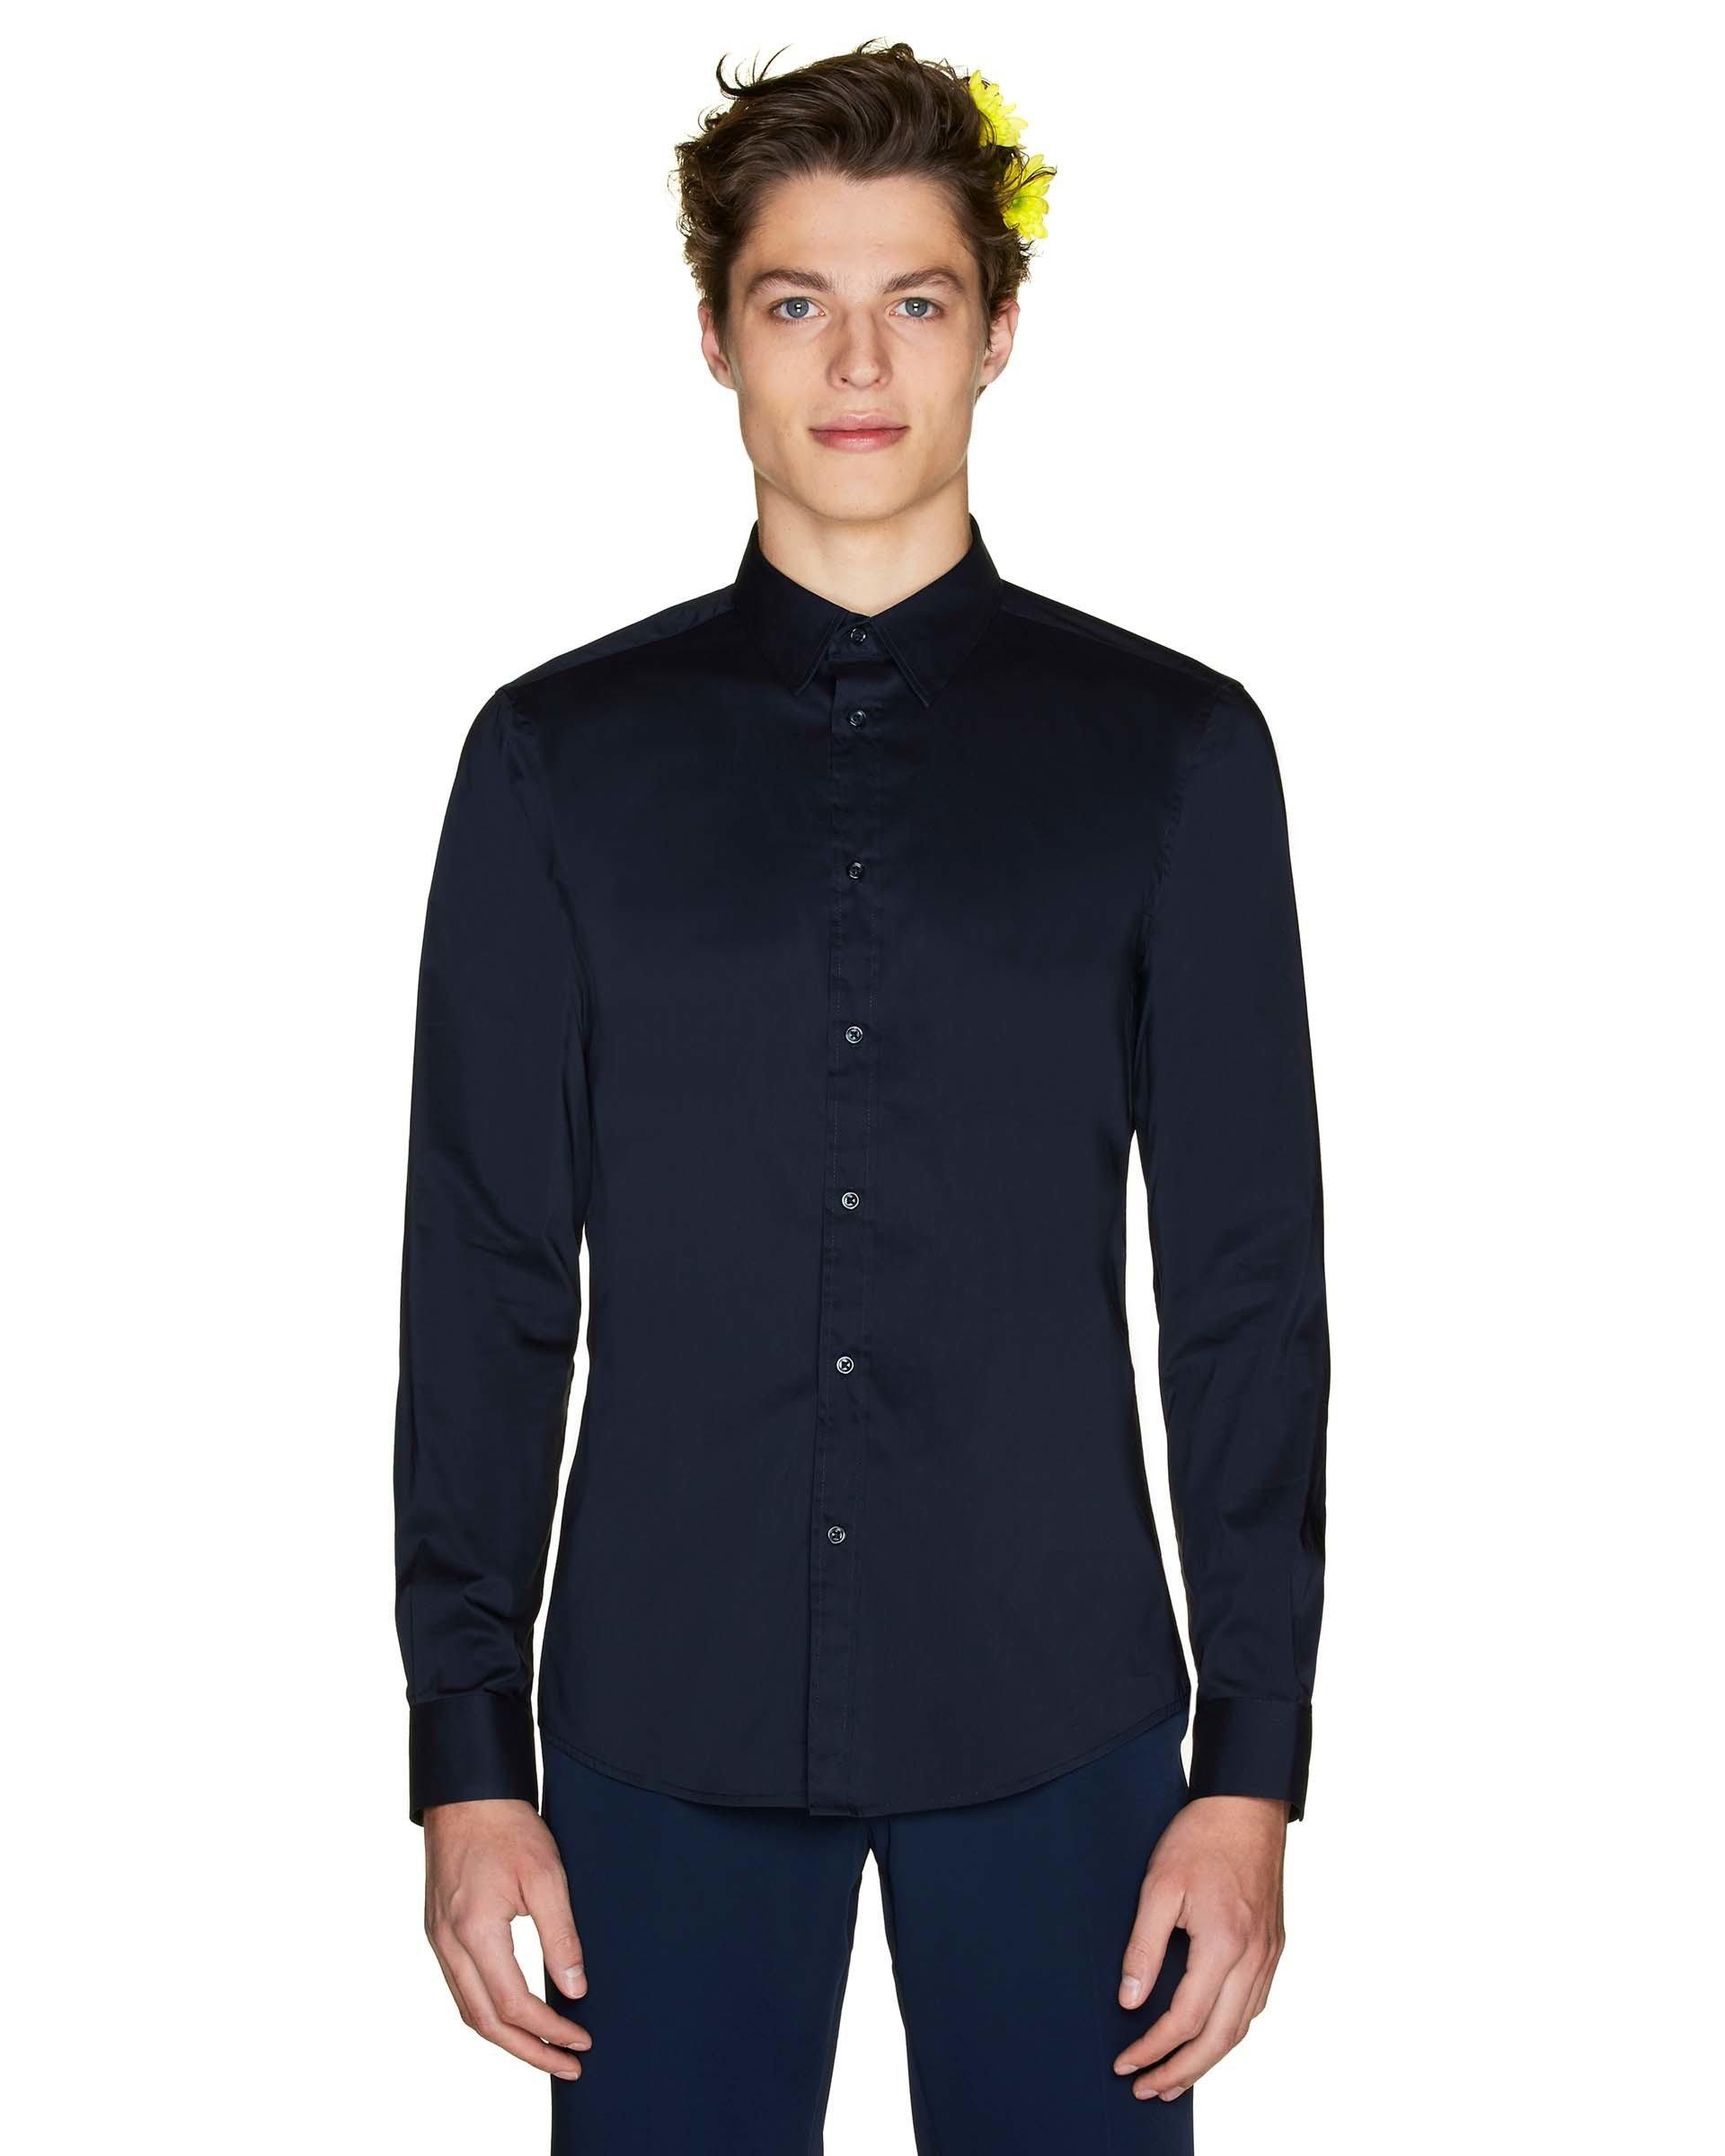 РубашкаКлассические<br>Цветы на фотографиях не являются товаром и продаже не подлежат.<br>Цвет: Синий; Размер: 3XL;